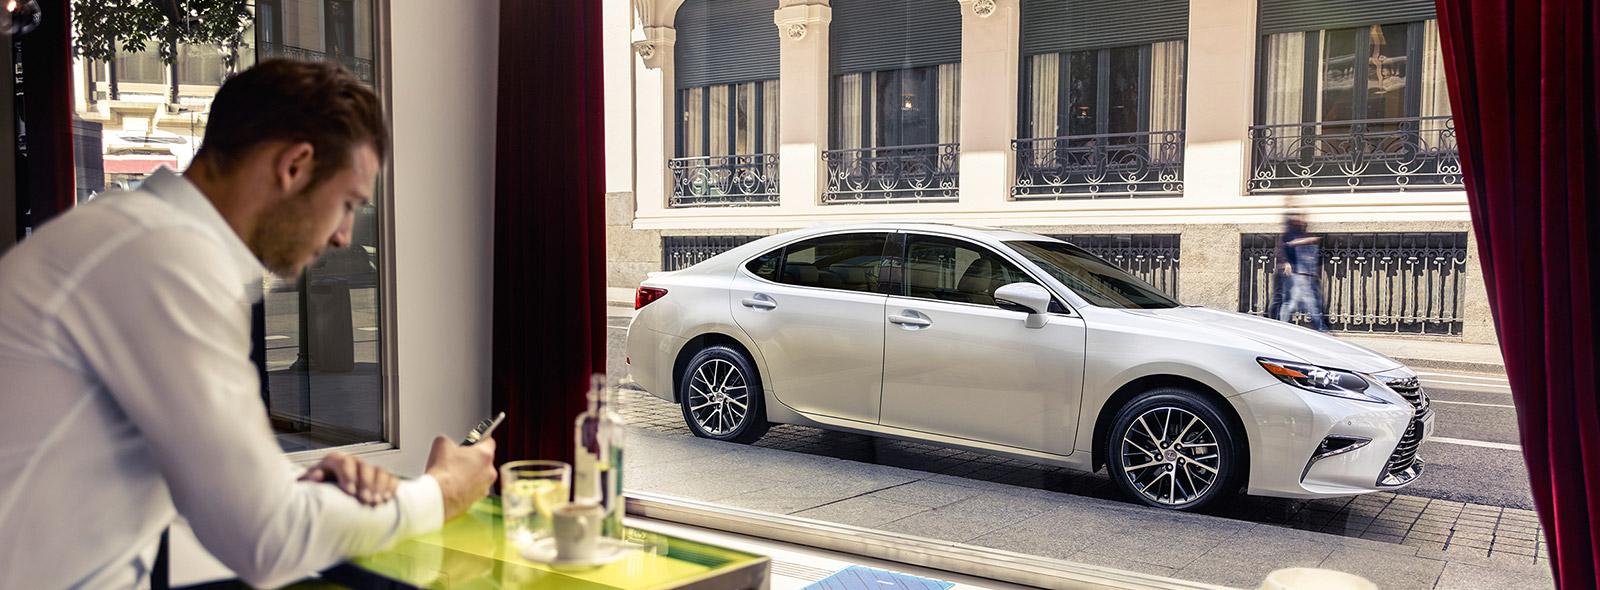 Новый Lexus ES 200 с высокоэкономичным бензиновым двигателем вид сбоку